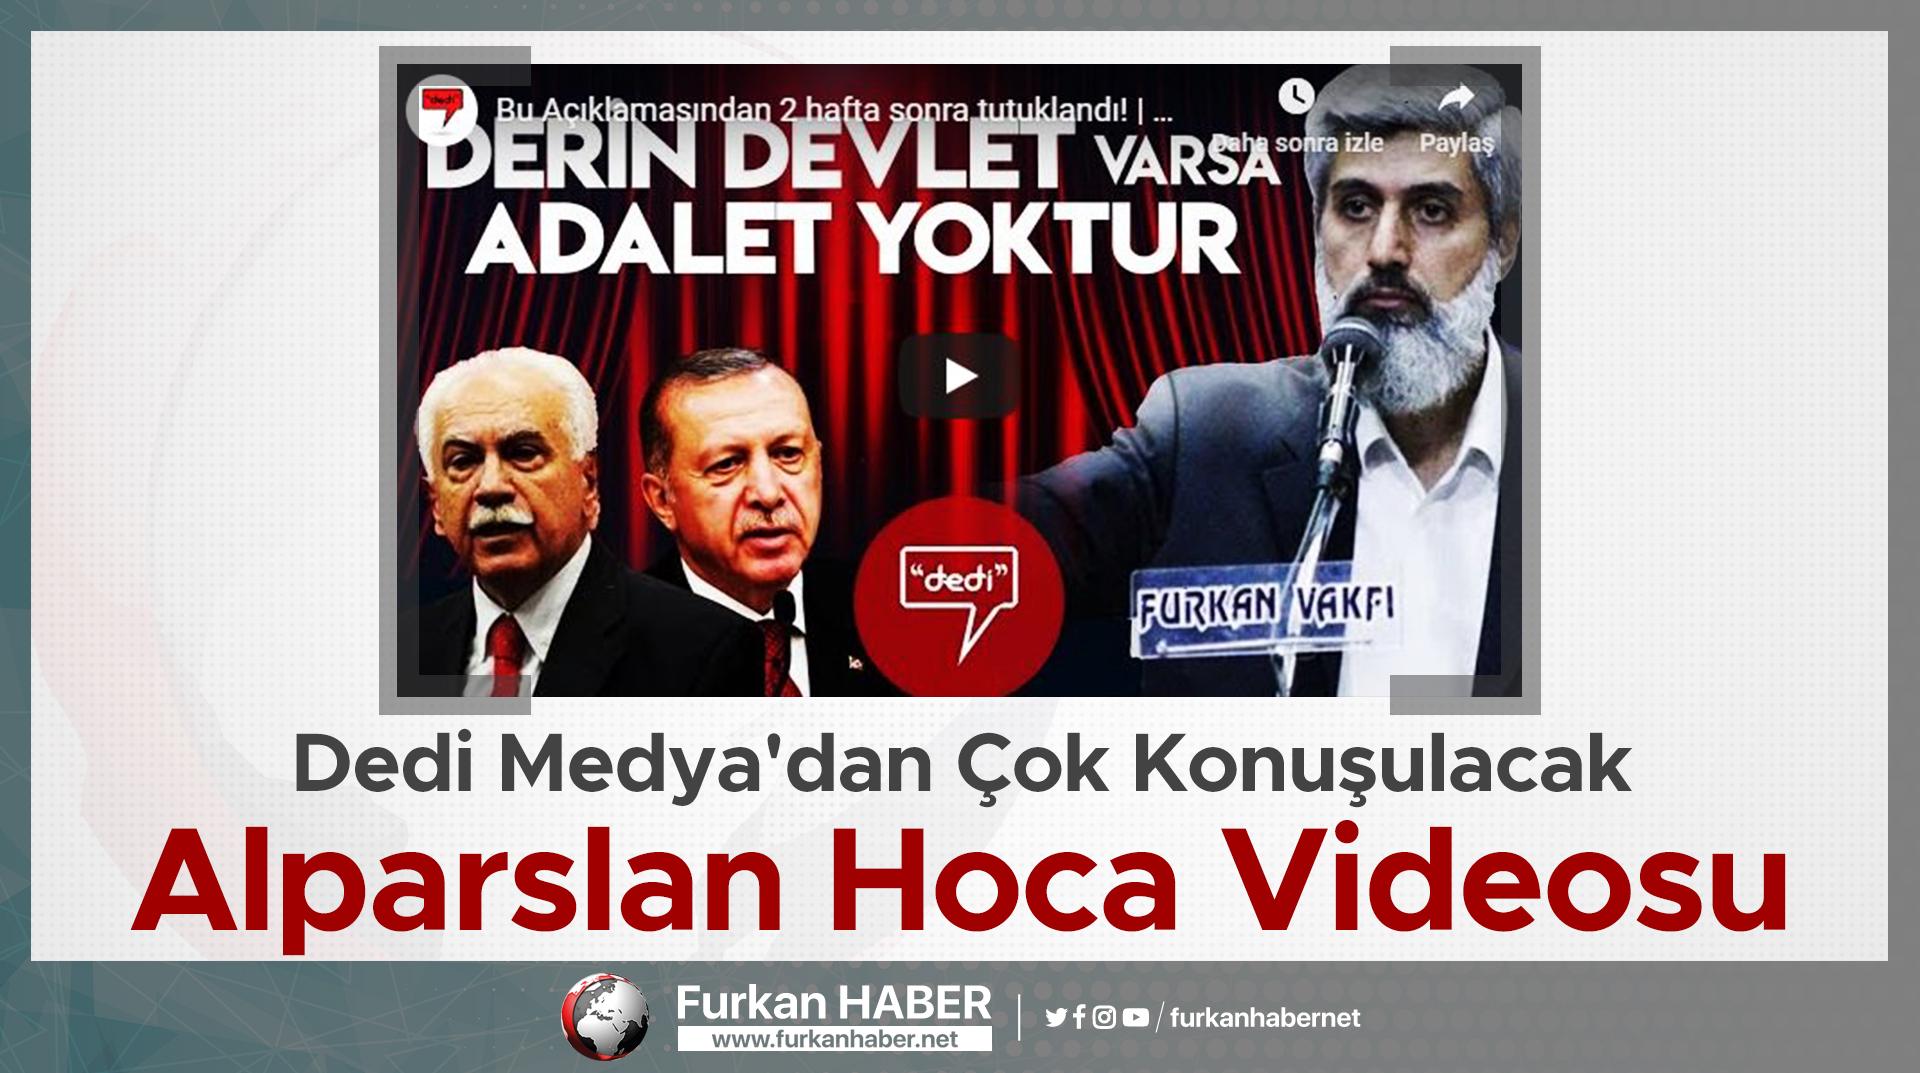 Dedi Medya'dan Çok Konuşulacak Alparslan Hoca Videosu